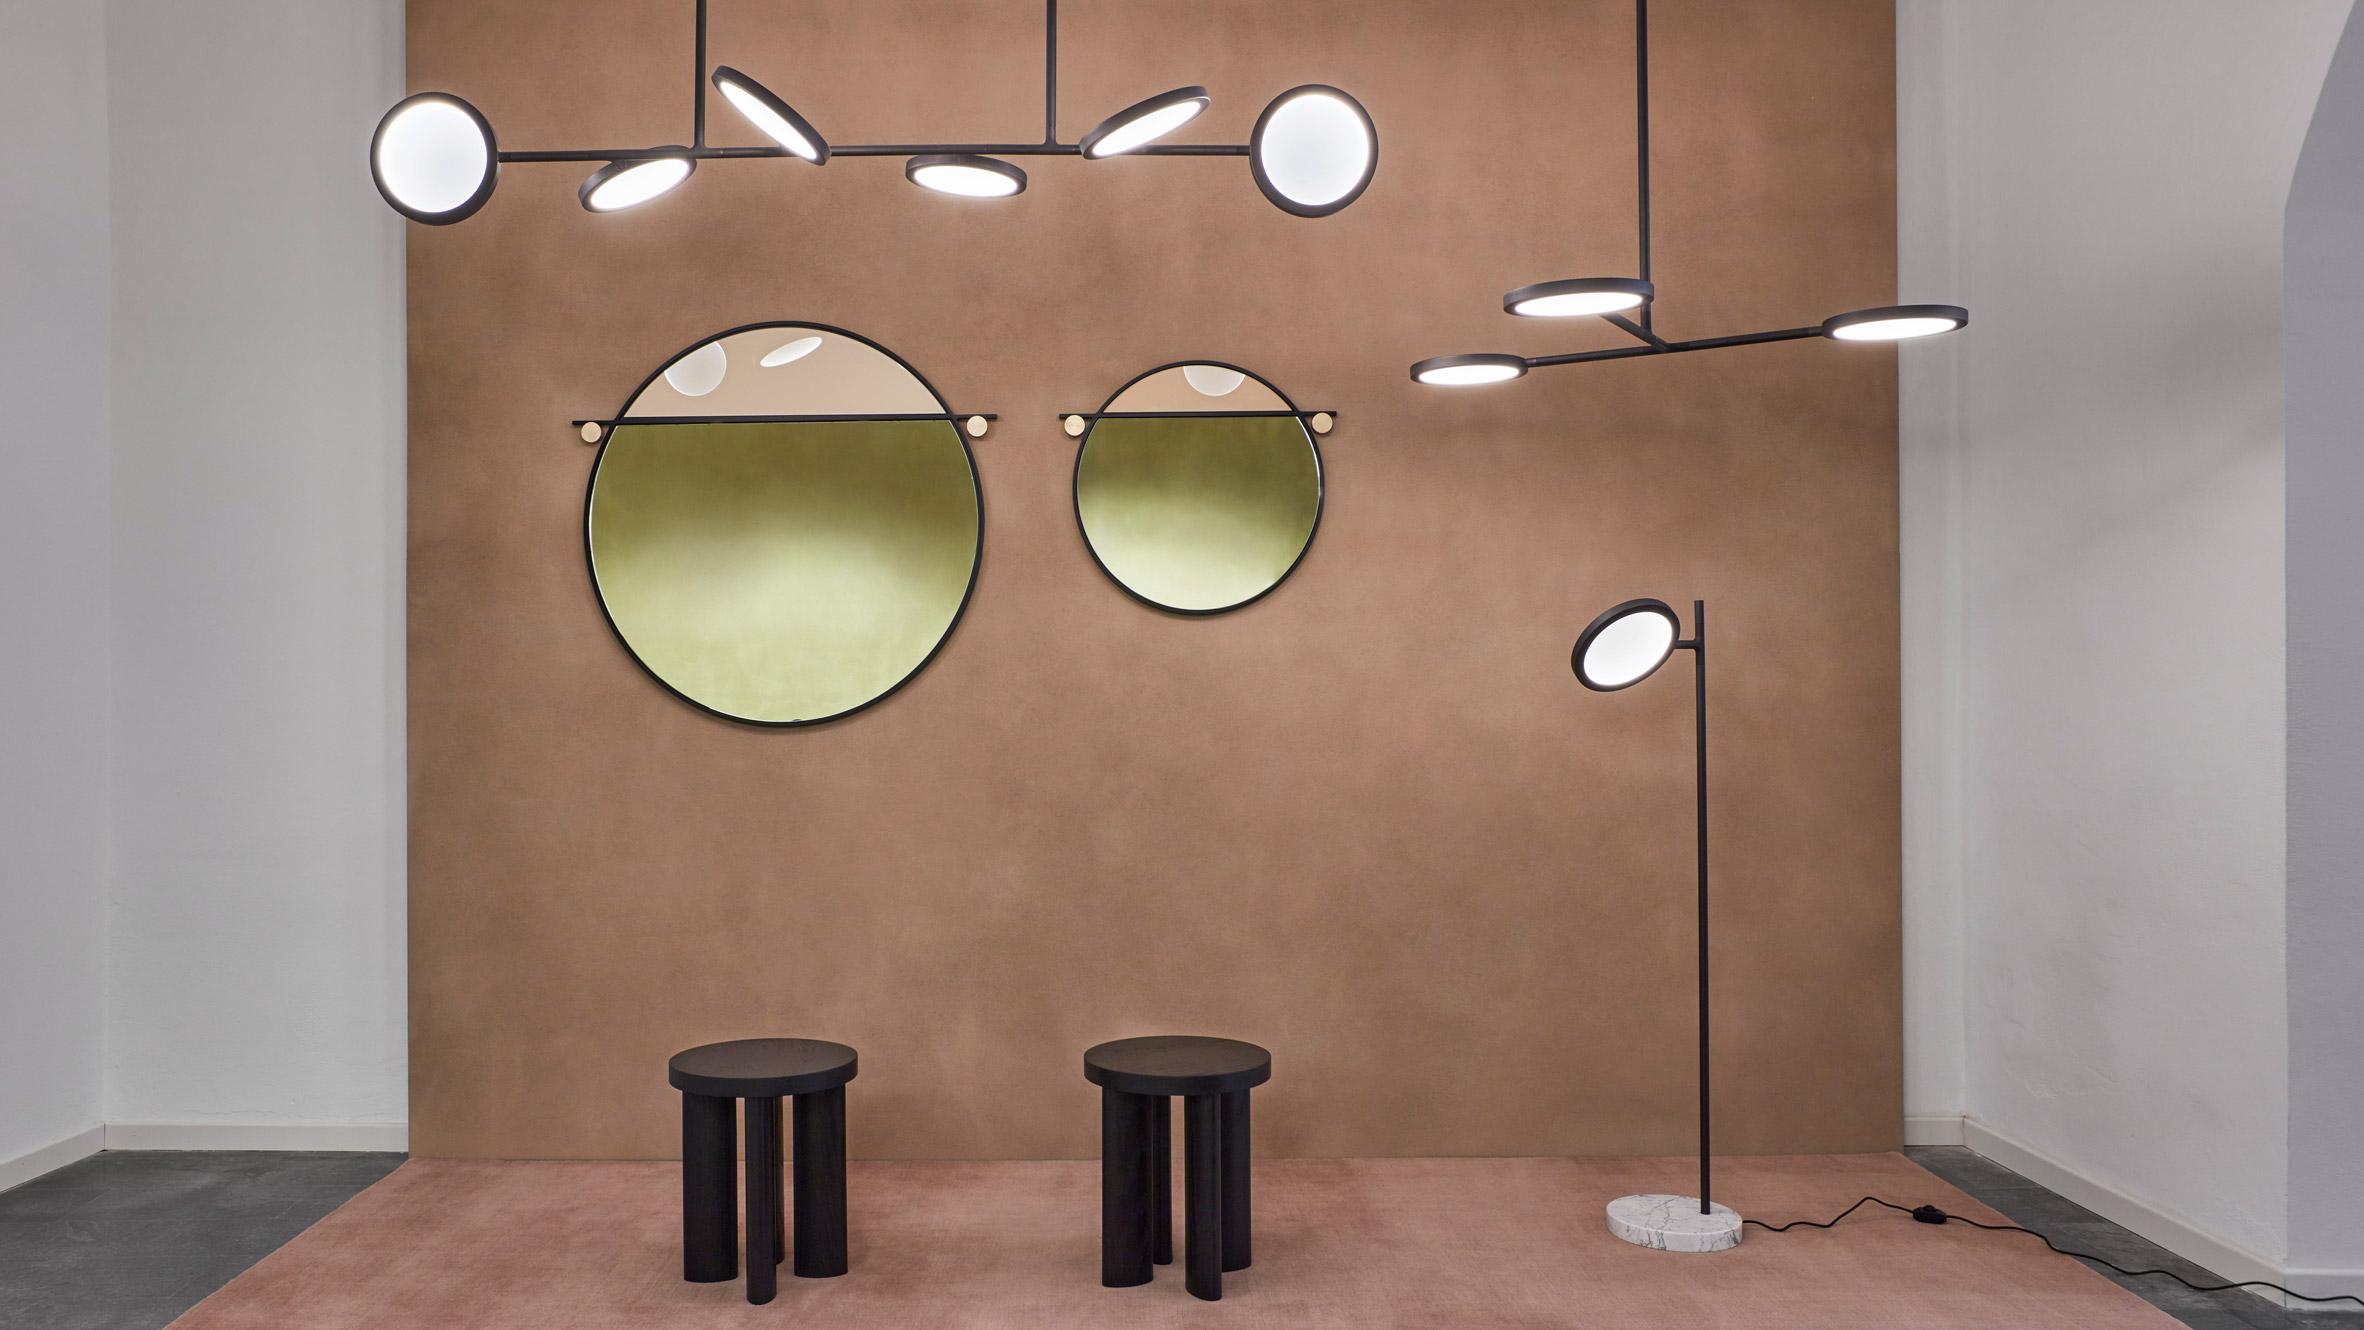 Senior lighting designer at Matter Made in New York, USA